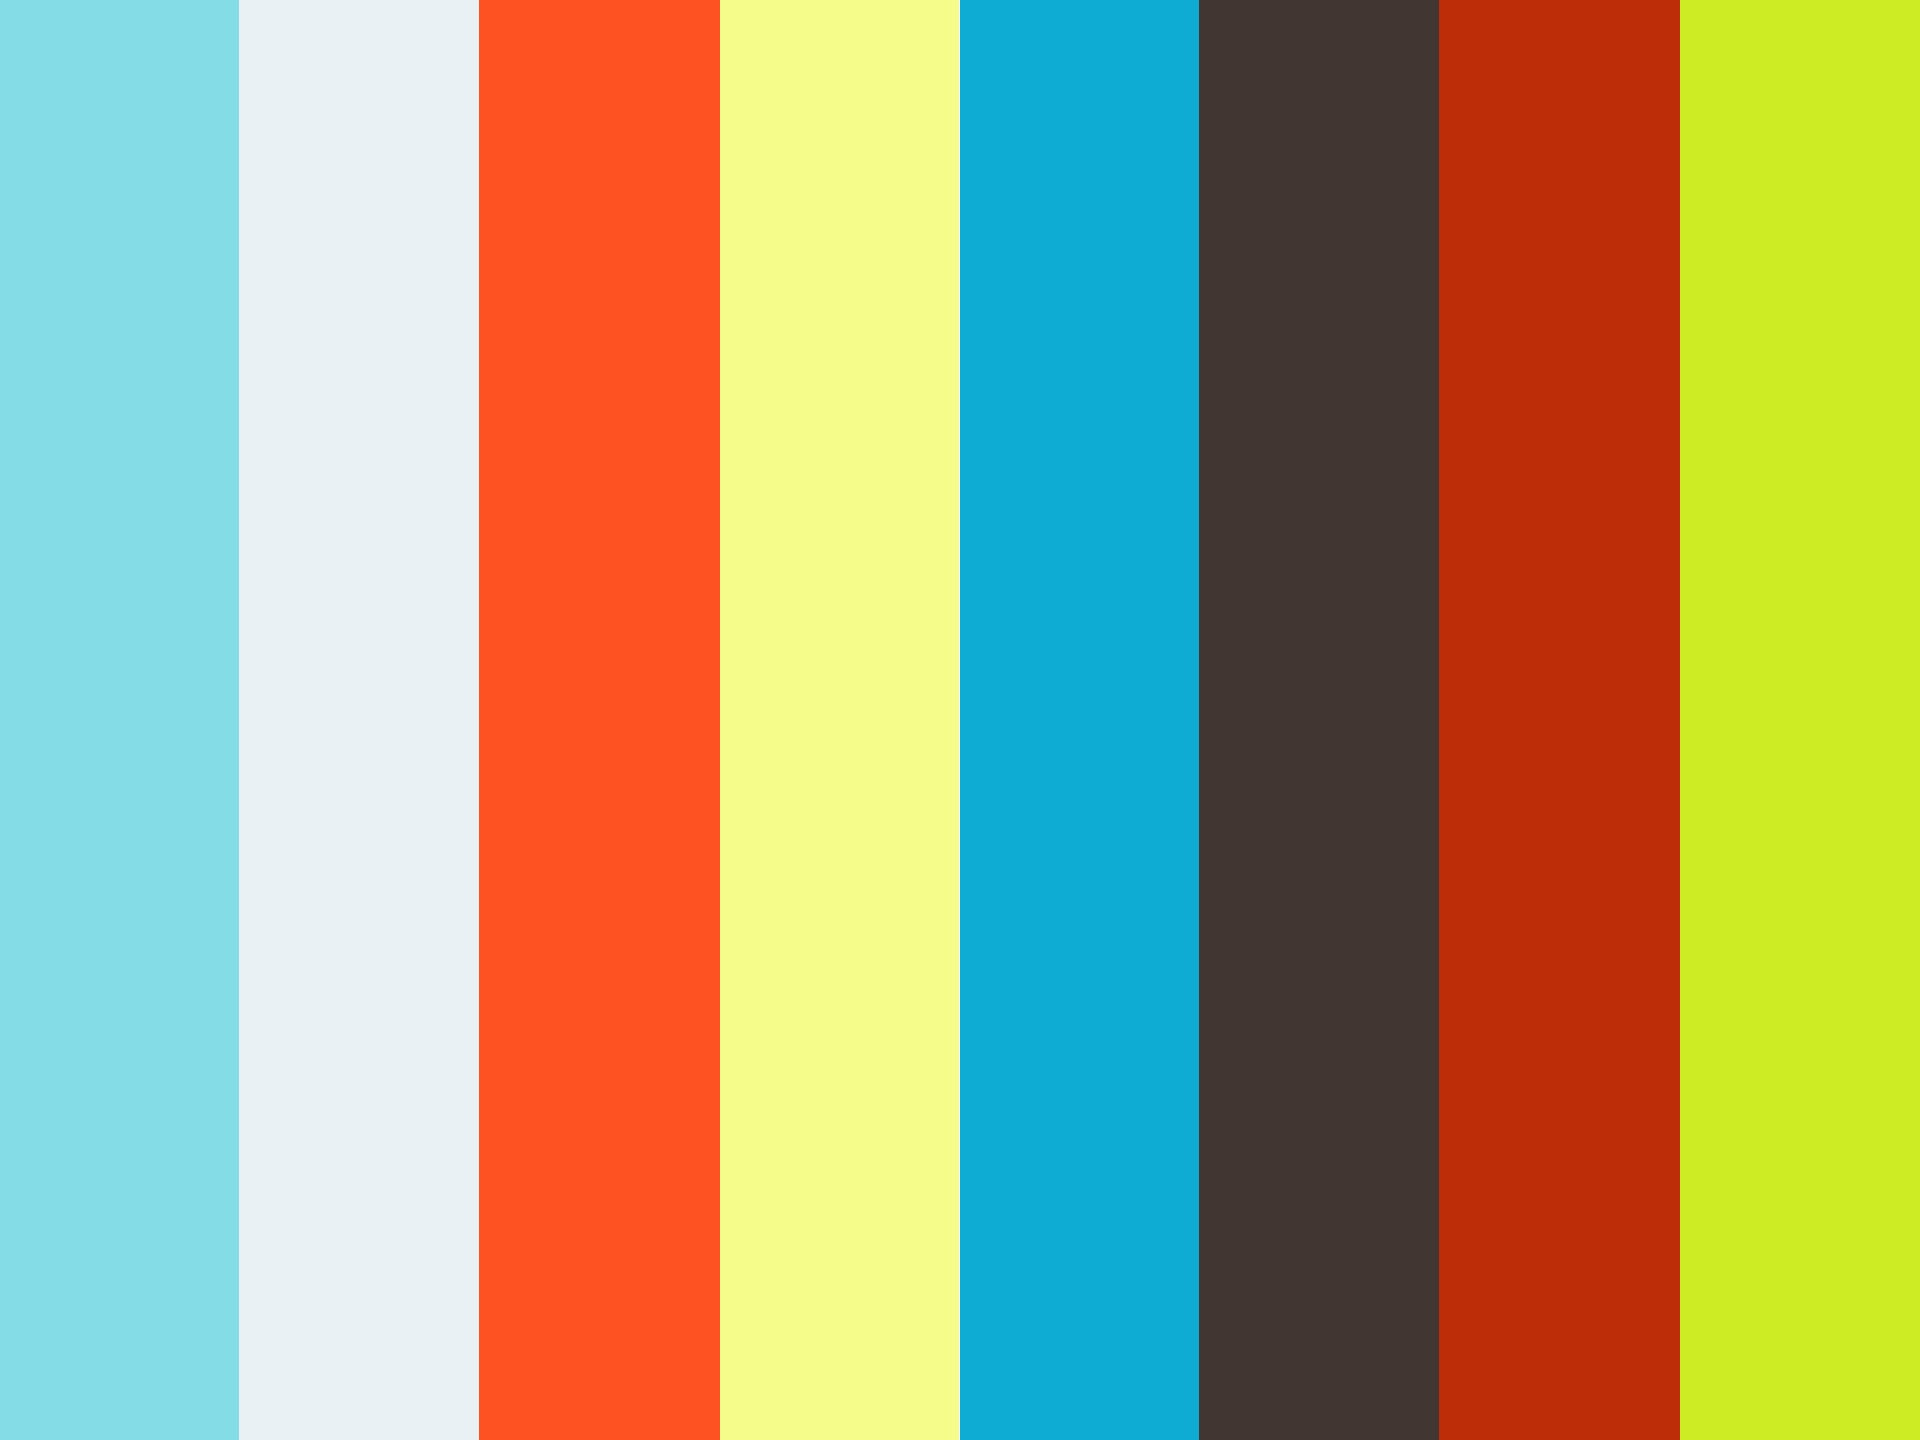 """【振り返り視聴~12月13日まで】はじめての全部床義歯 成功へのポイント【第二弾""""アップデート座談会編""""】"""